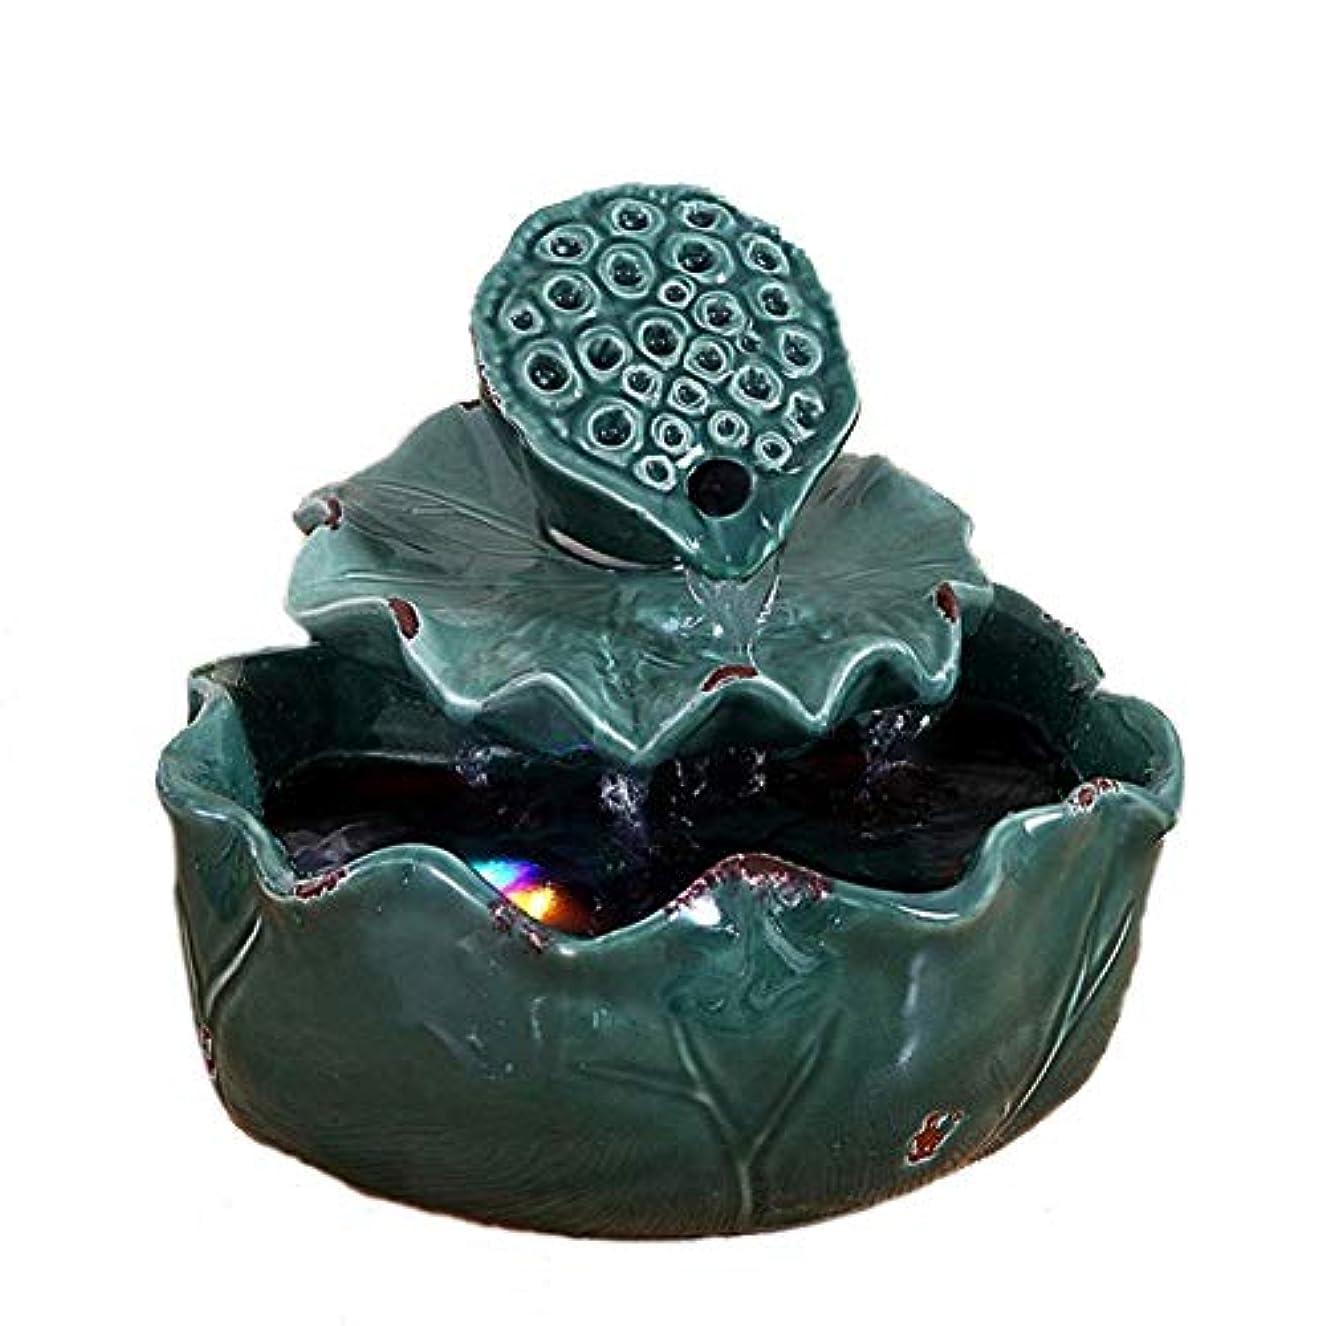 レコーダークレーンデザート空気加湿器クリエイティブロータス卓上装飾装飾セラミック工芸絶妙なギフト